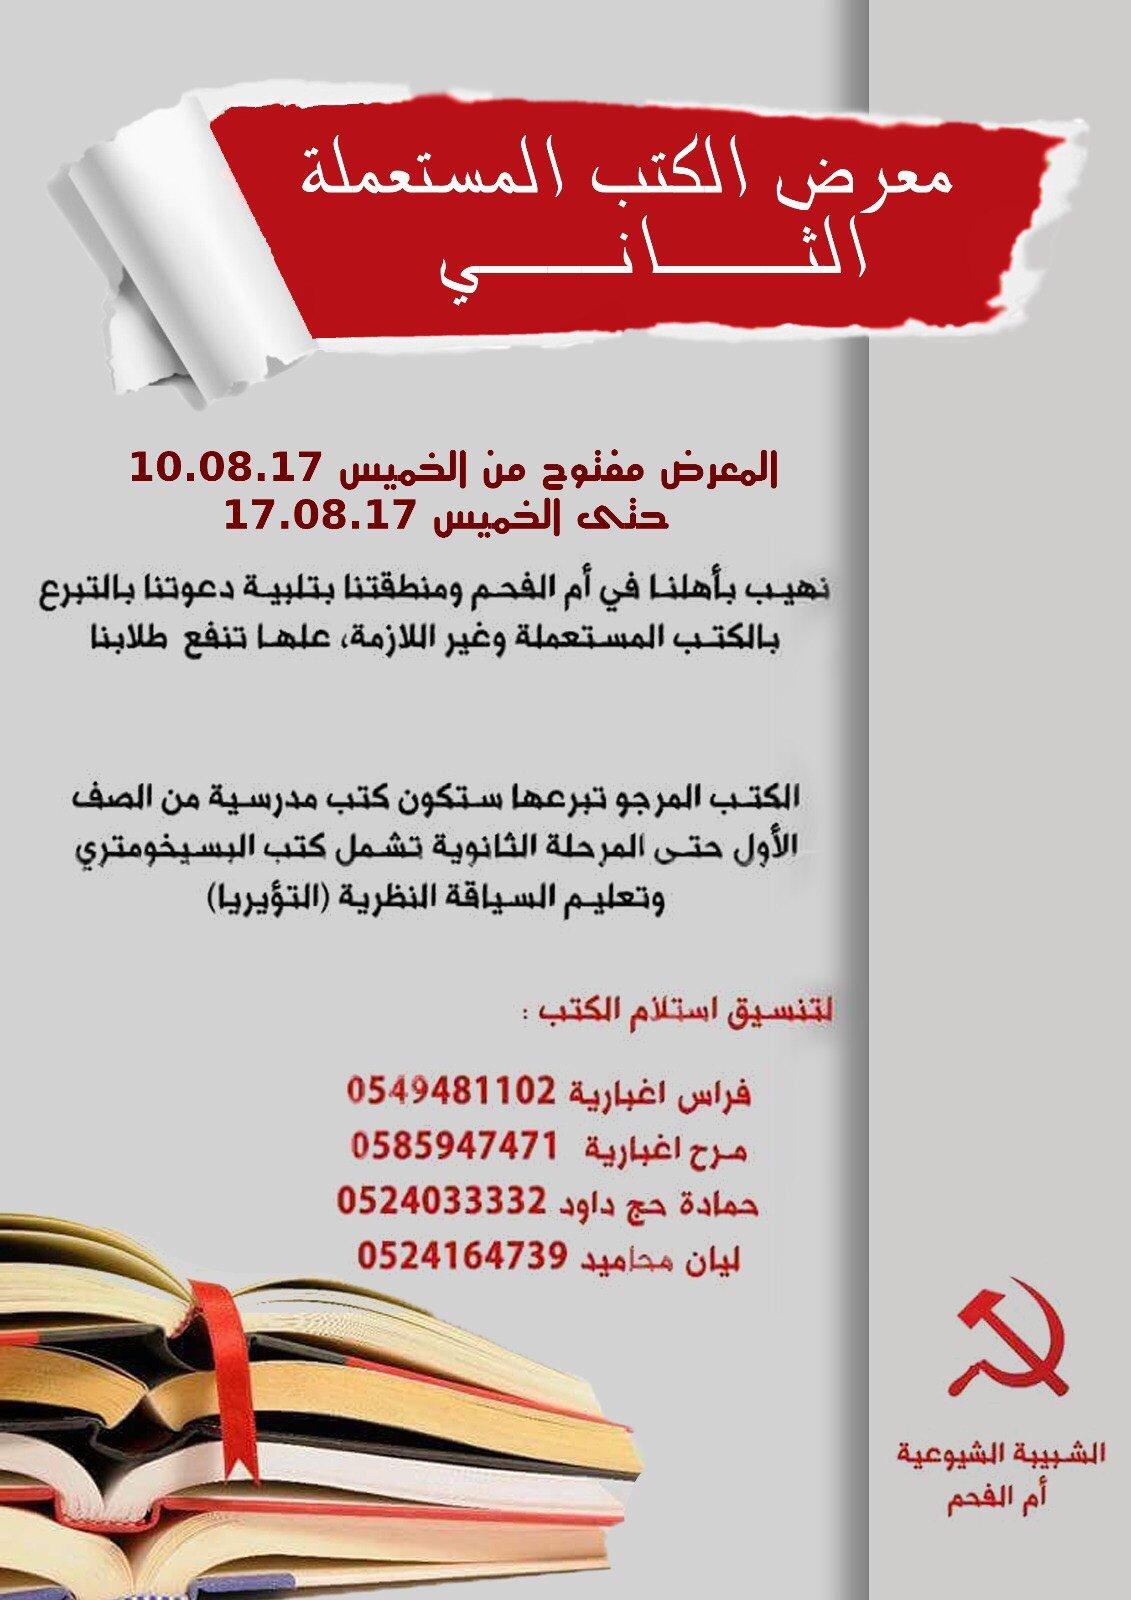 ام الفحم: الشبيبة الشيوعية تطلق معرض الكتب المستعملة الثاني